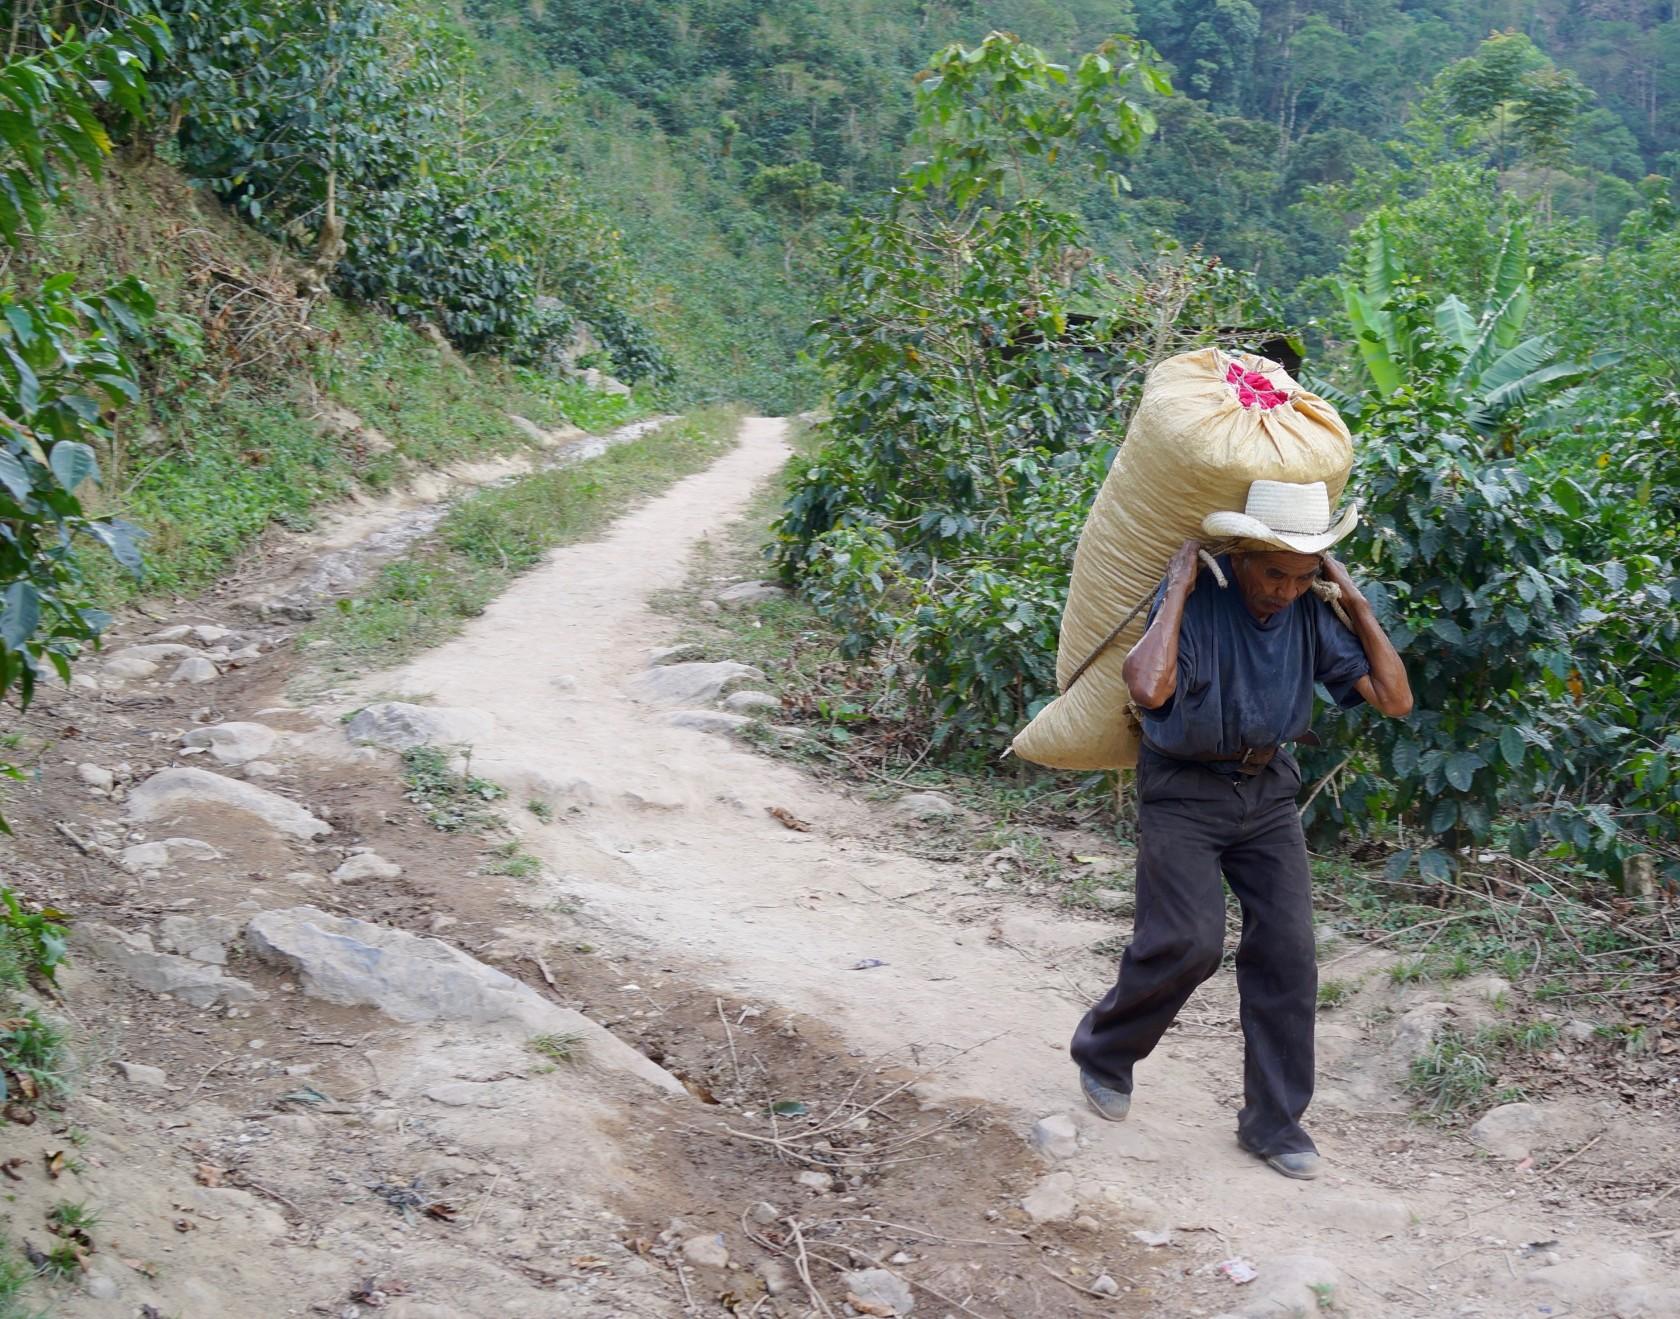 スペシャルティコーヒー素材買付の旅 2016 グアテマラ